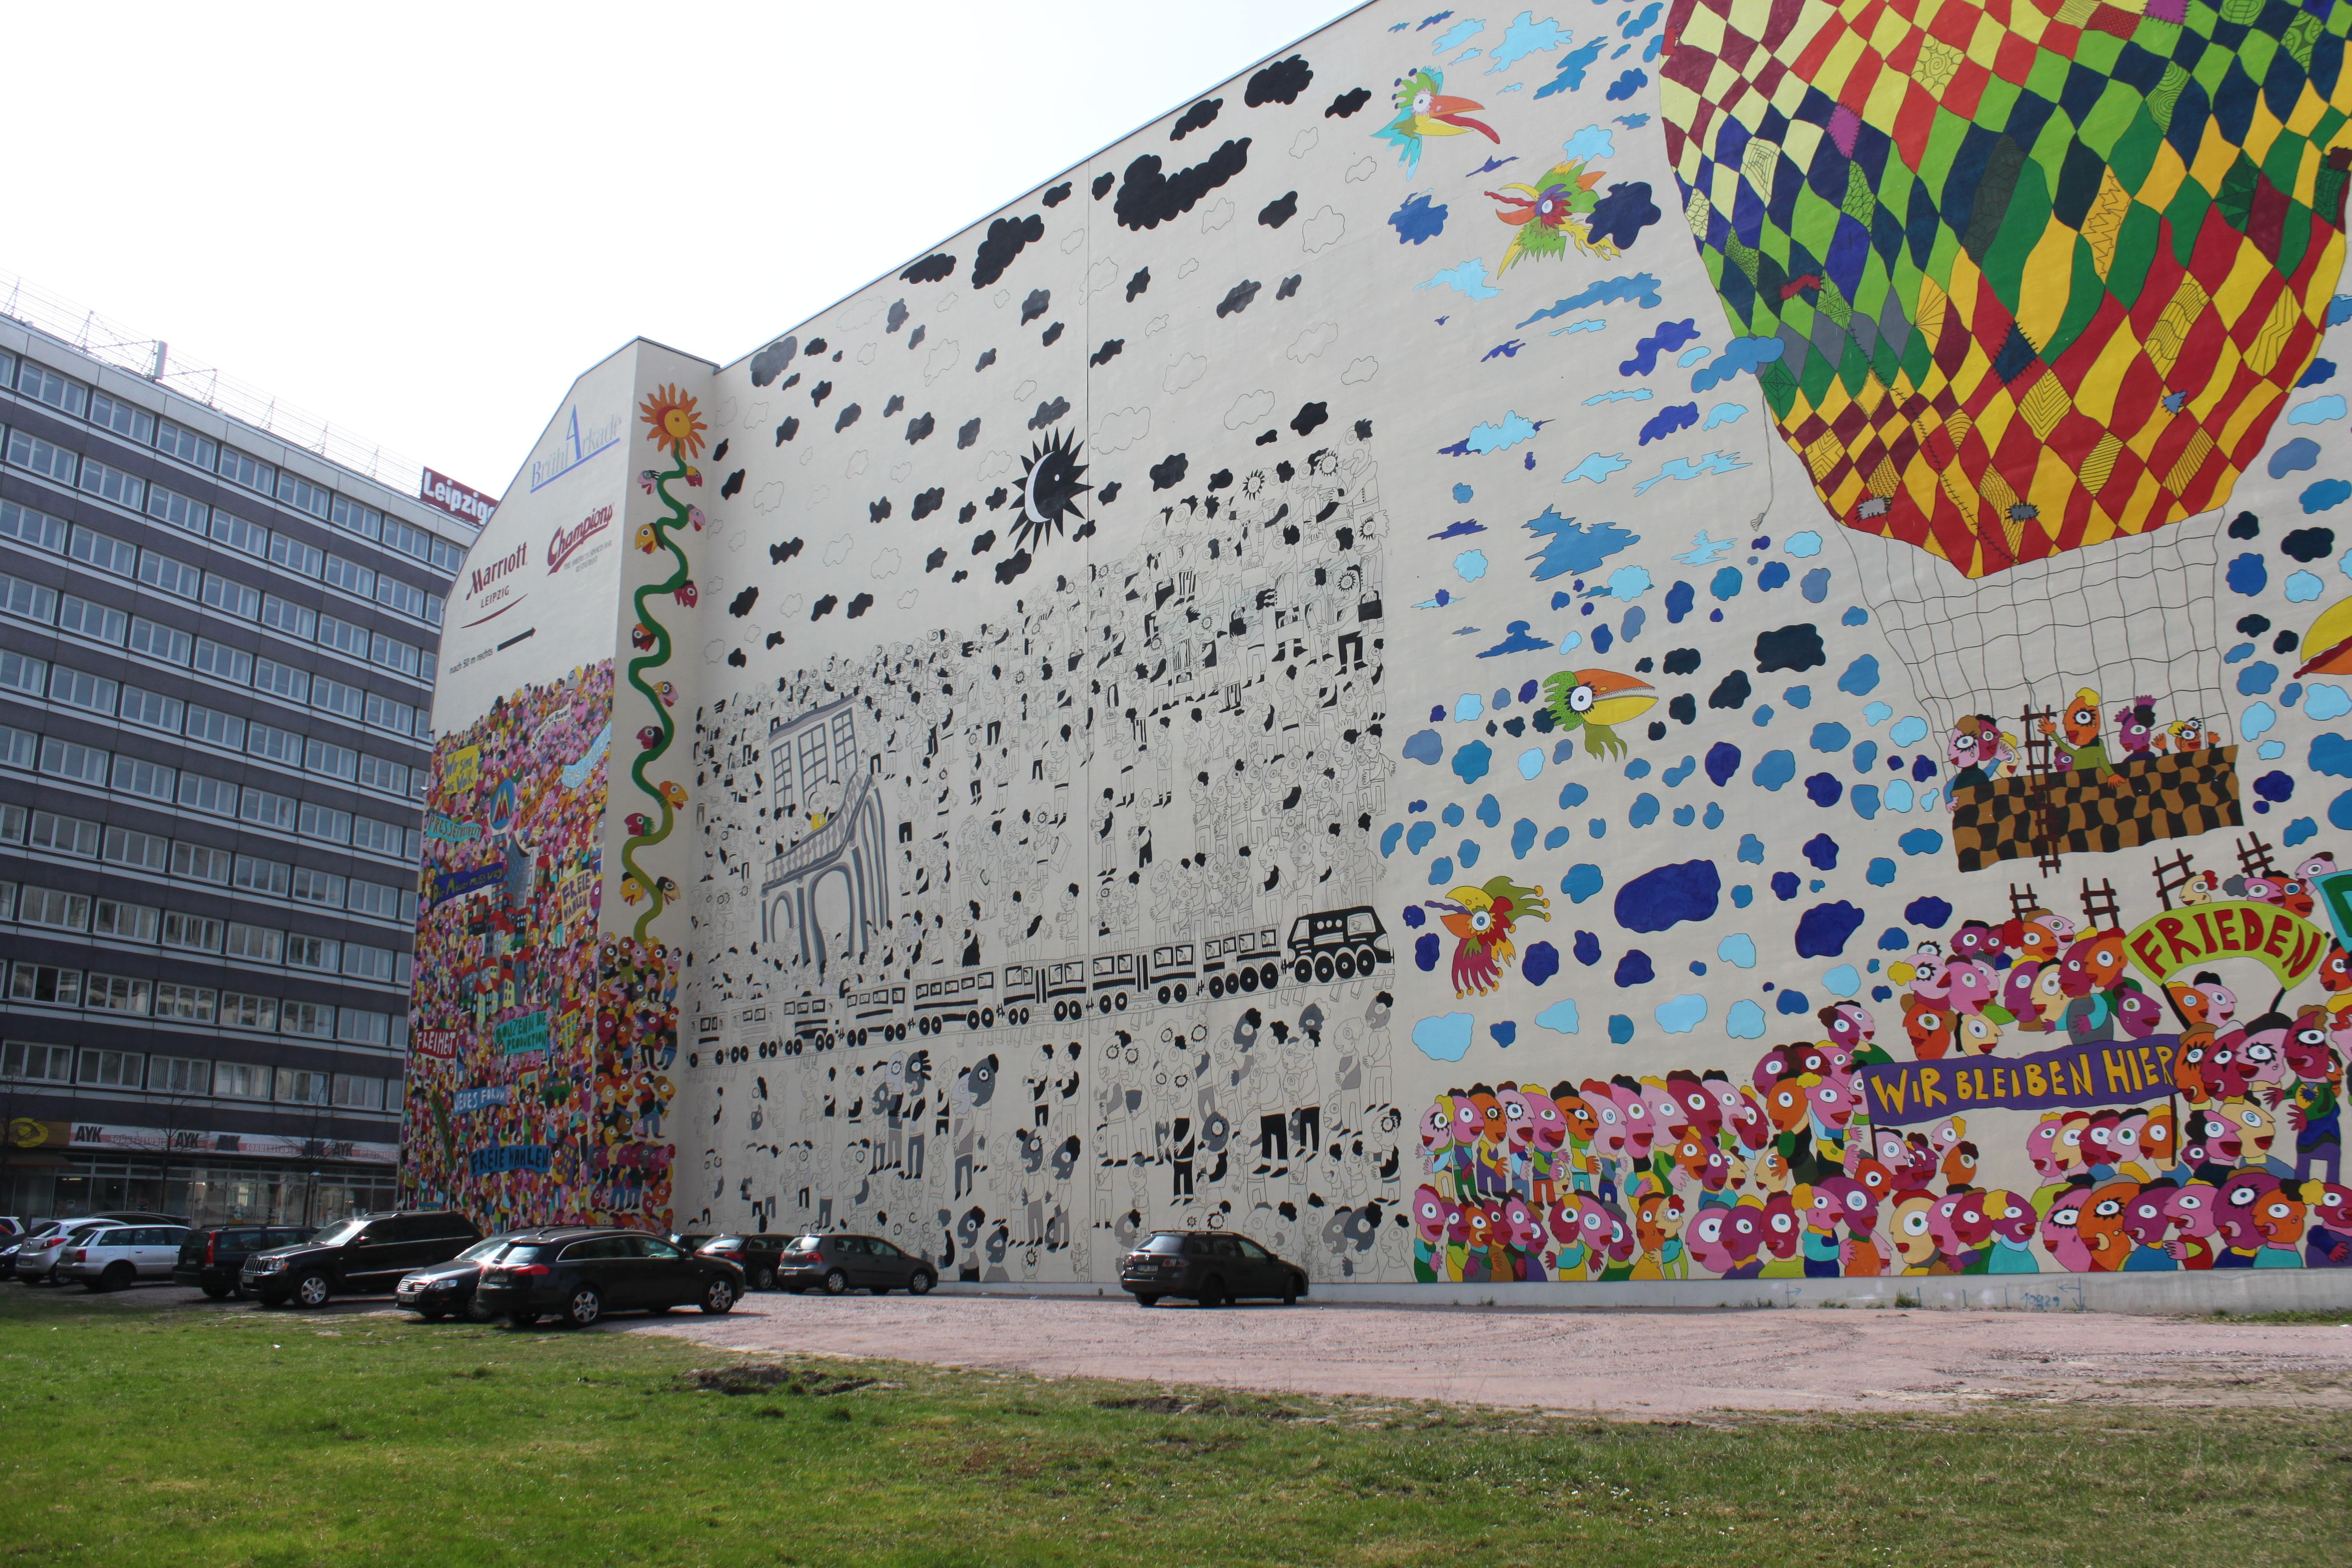 filewandbemalung an der auenfassade der brhlarkaden 5jpg - Wandbemalung